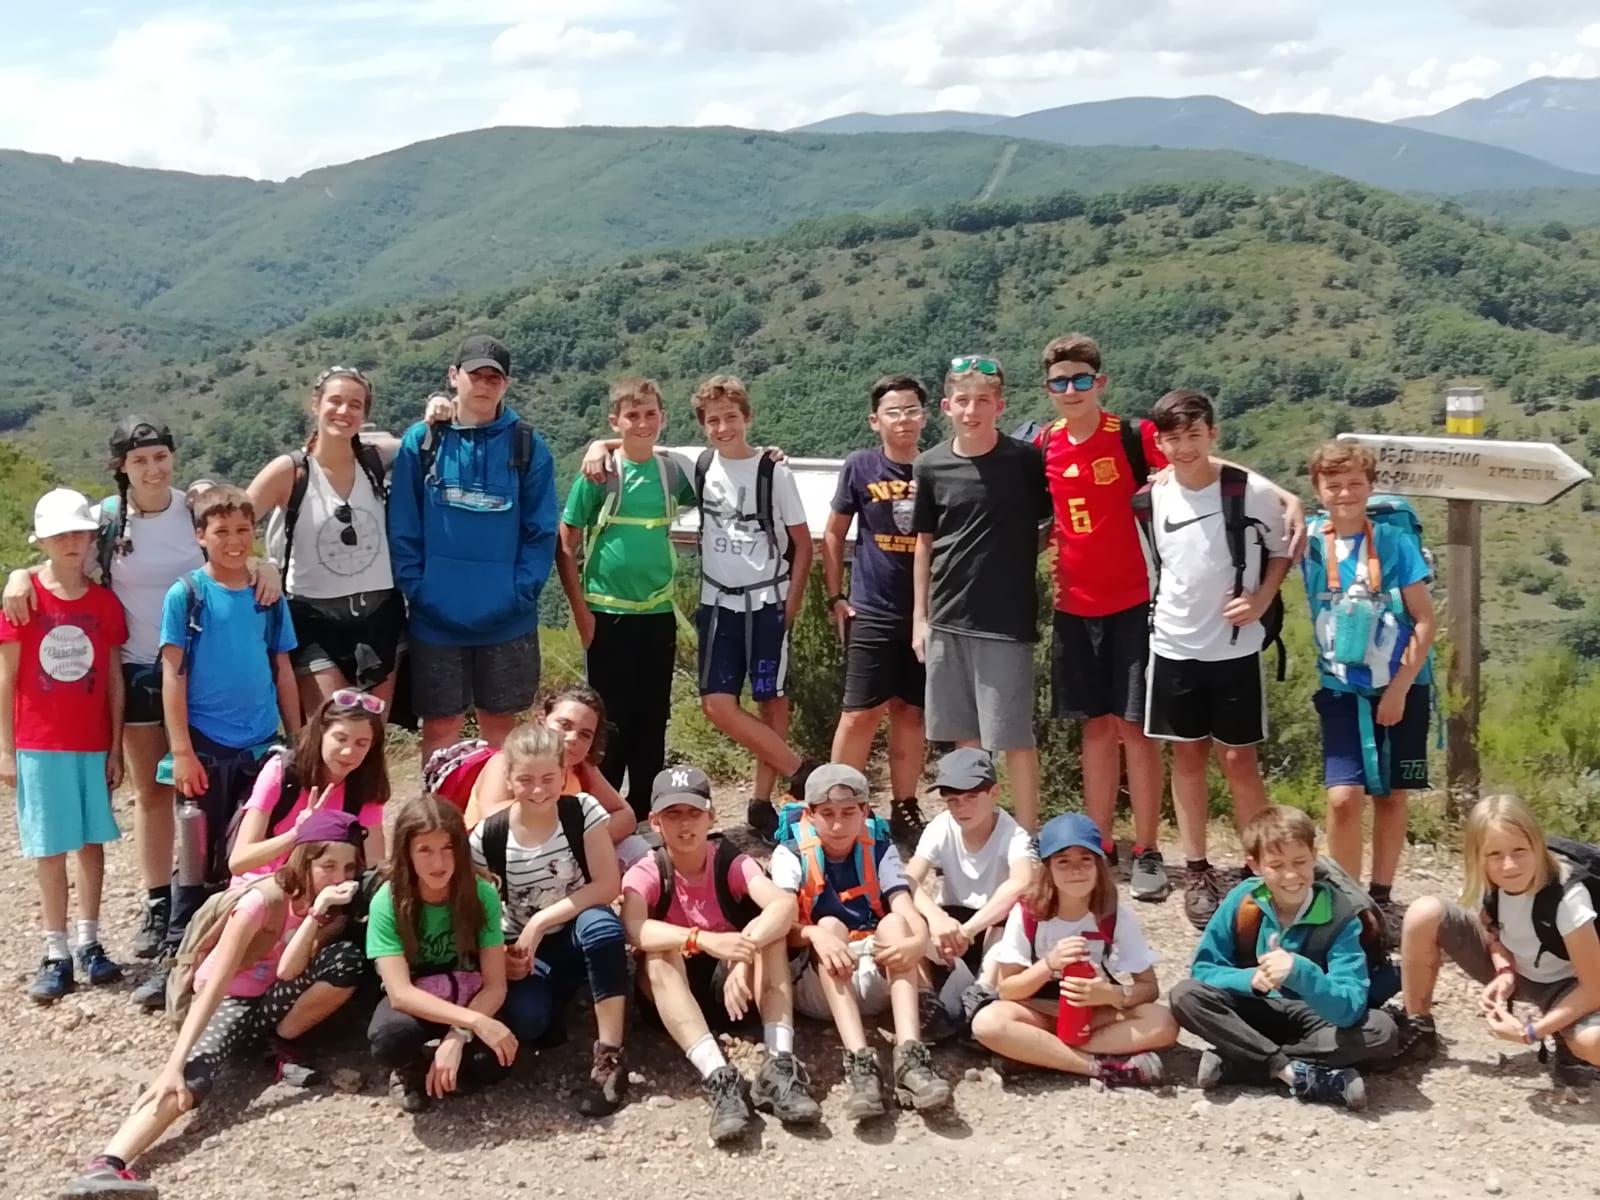 Campamento de verano para niños aventura naturaleza y montaña